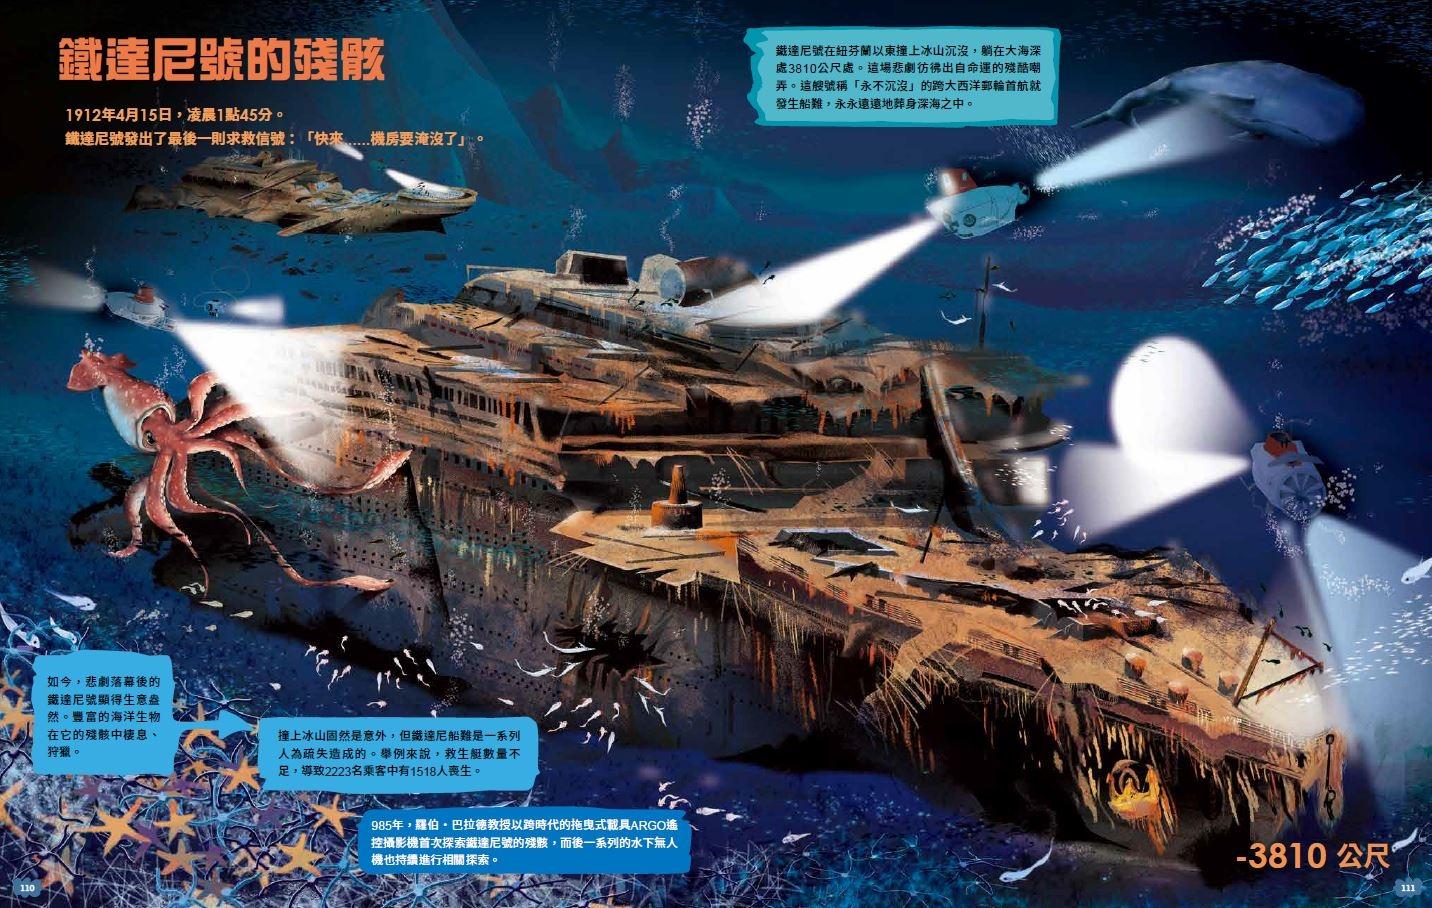 《探索海洋大地圖》鐵達尼號的殘骸